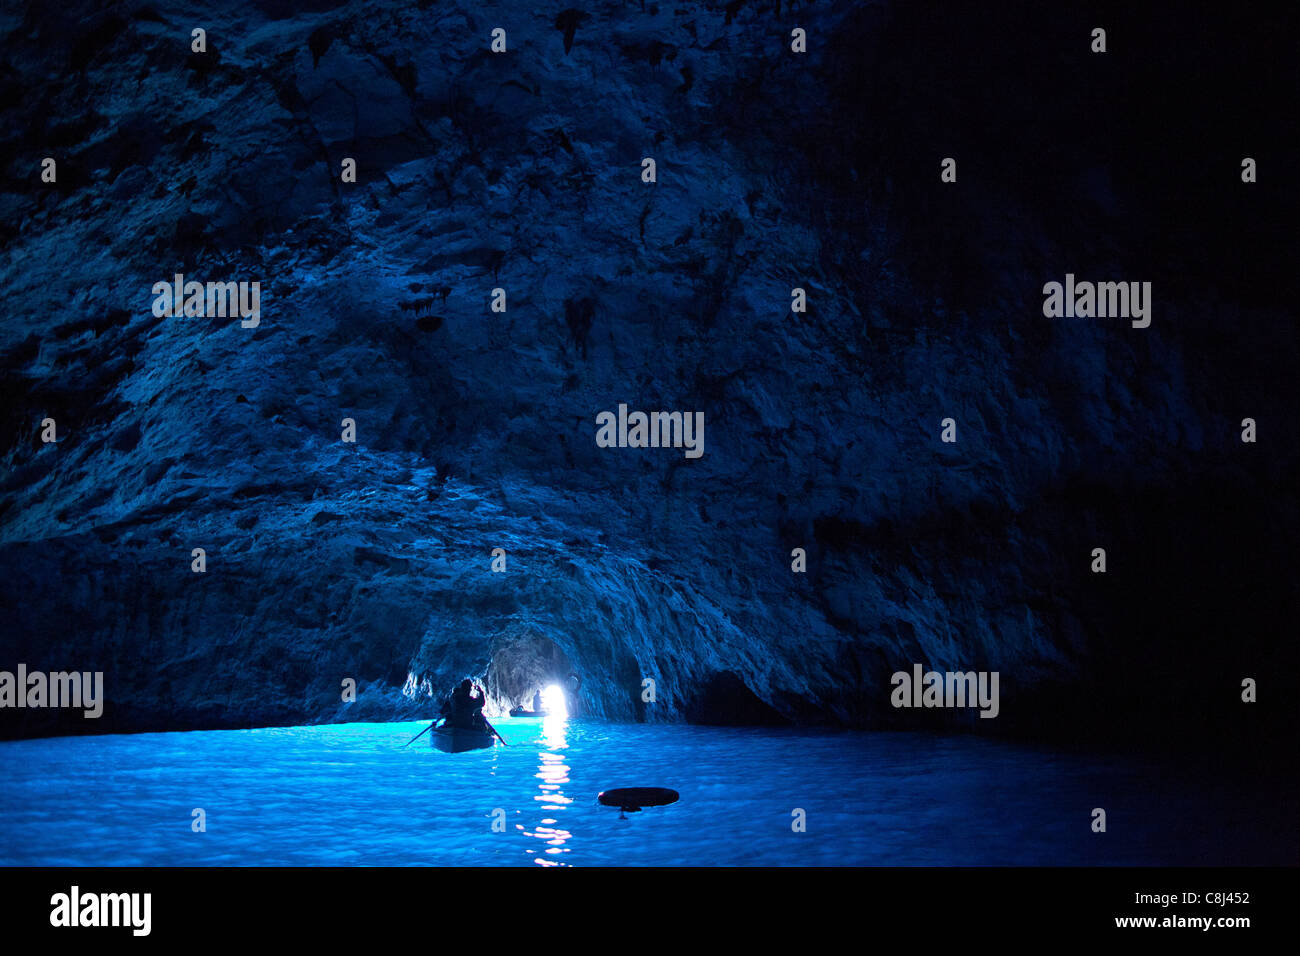 Ausflug, Blaue Grotte, Campania, Capri, Fels, Golf von Neapel, Grotte, Insel, Italien, Kampanien, Meer, Mittelmeer, - Stock Image